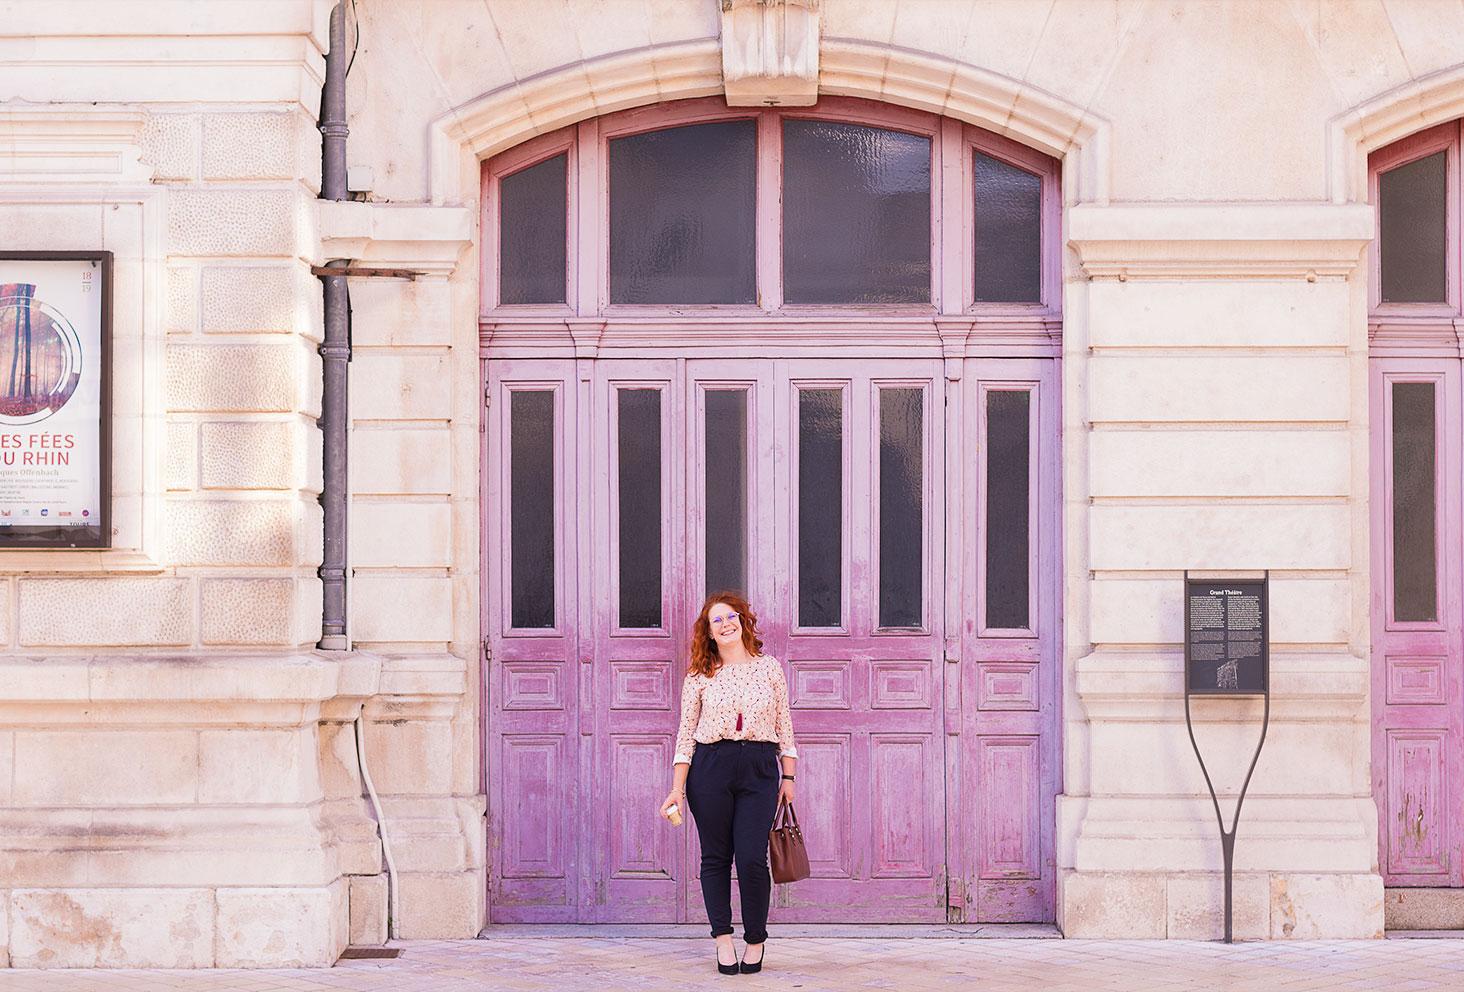 En look de working girl, pantalon cigarette et escarpins à talons hauts, devant les grandes portes en bois roses de l'opéra de Tours